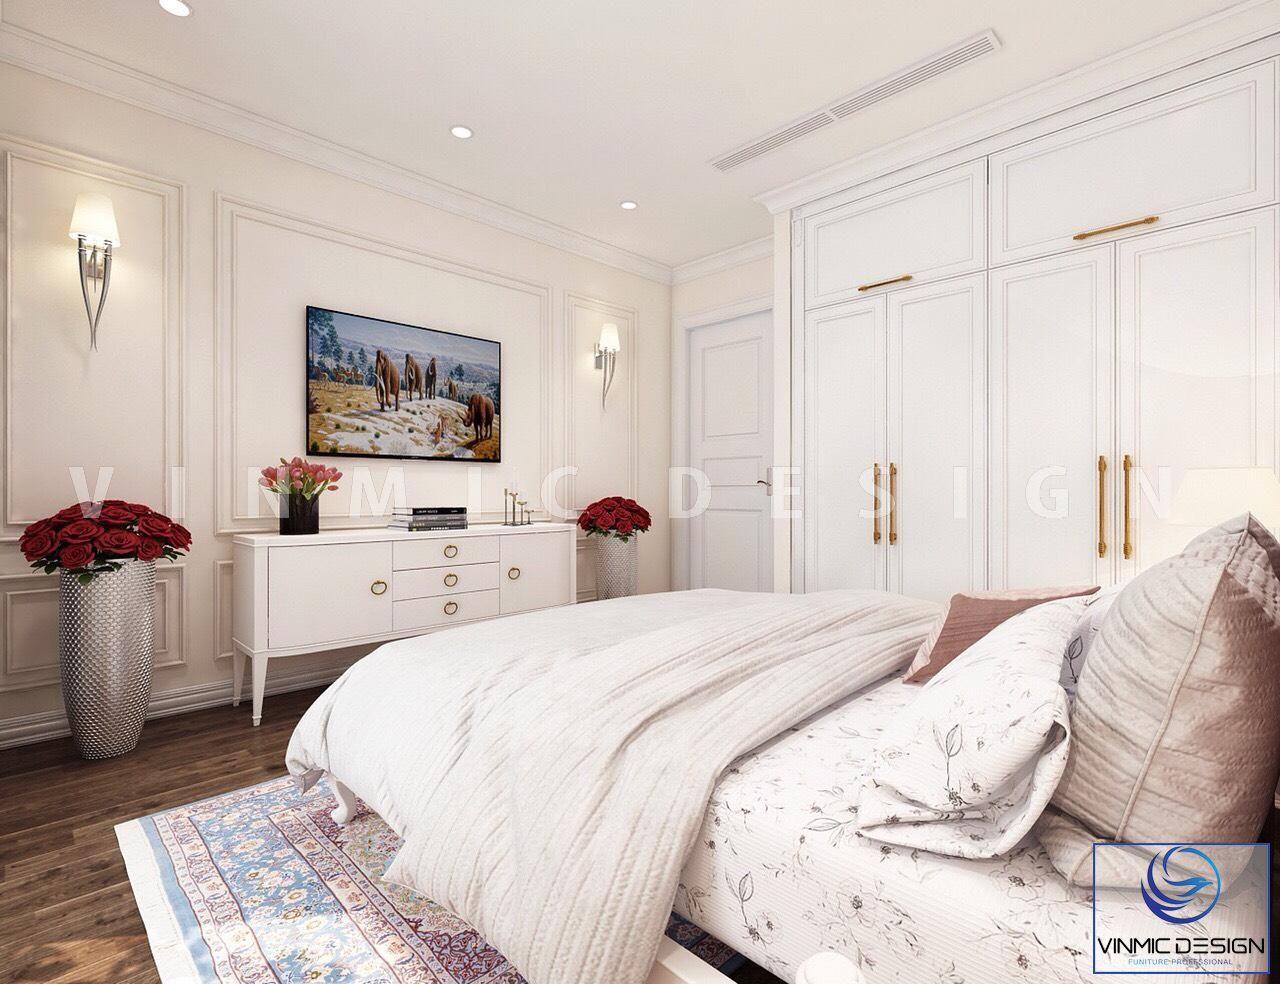 Góc khác của căn phòng thiết kế nội thất phong cách tân cổ điển đẹp tại biệt thự Vinhomes Imperia Hải Phòng